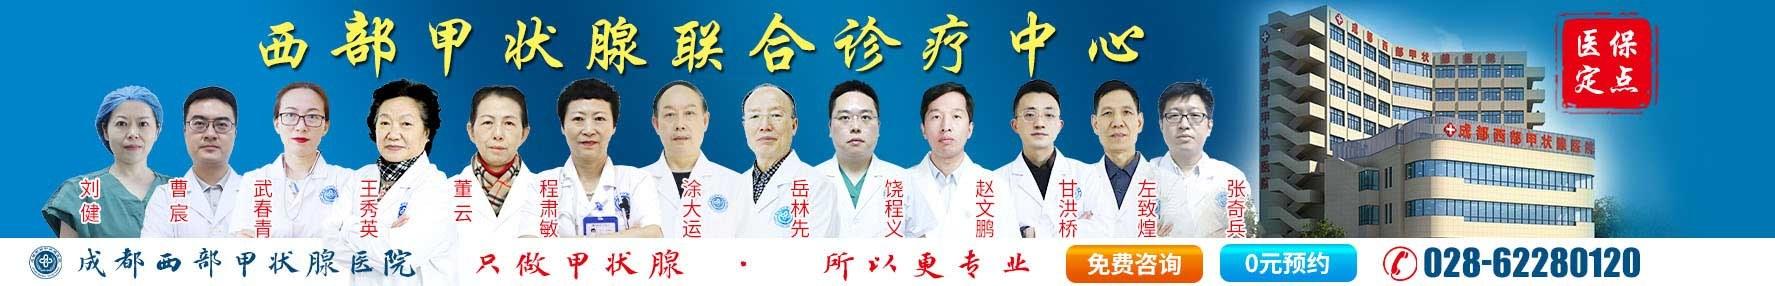 成都甲状腺医院